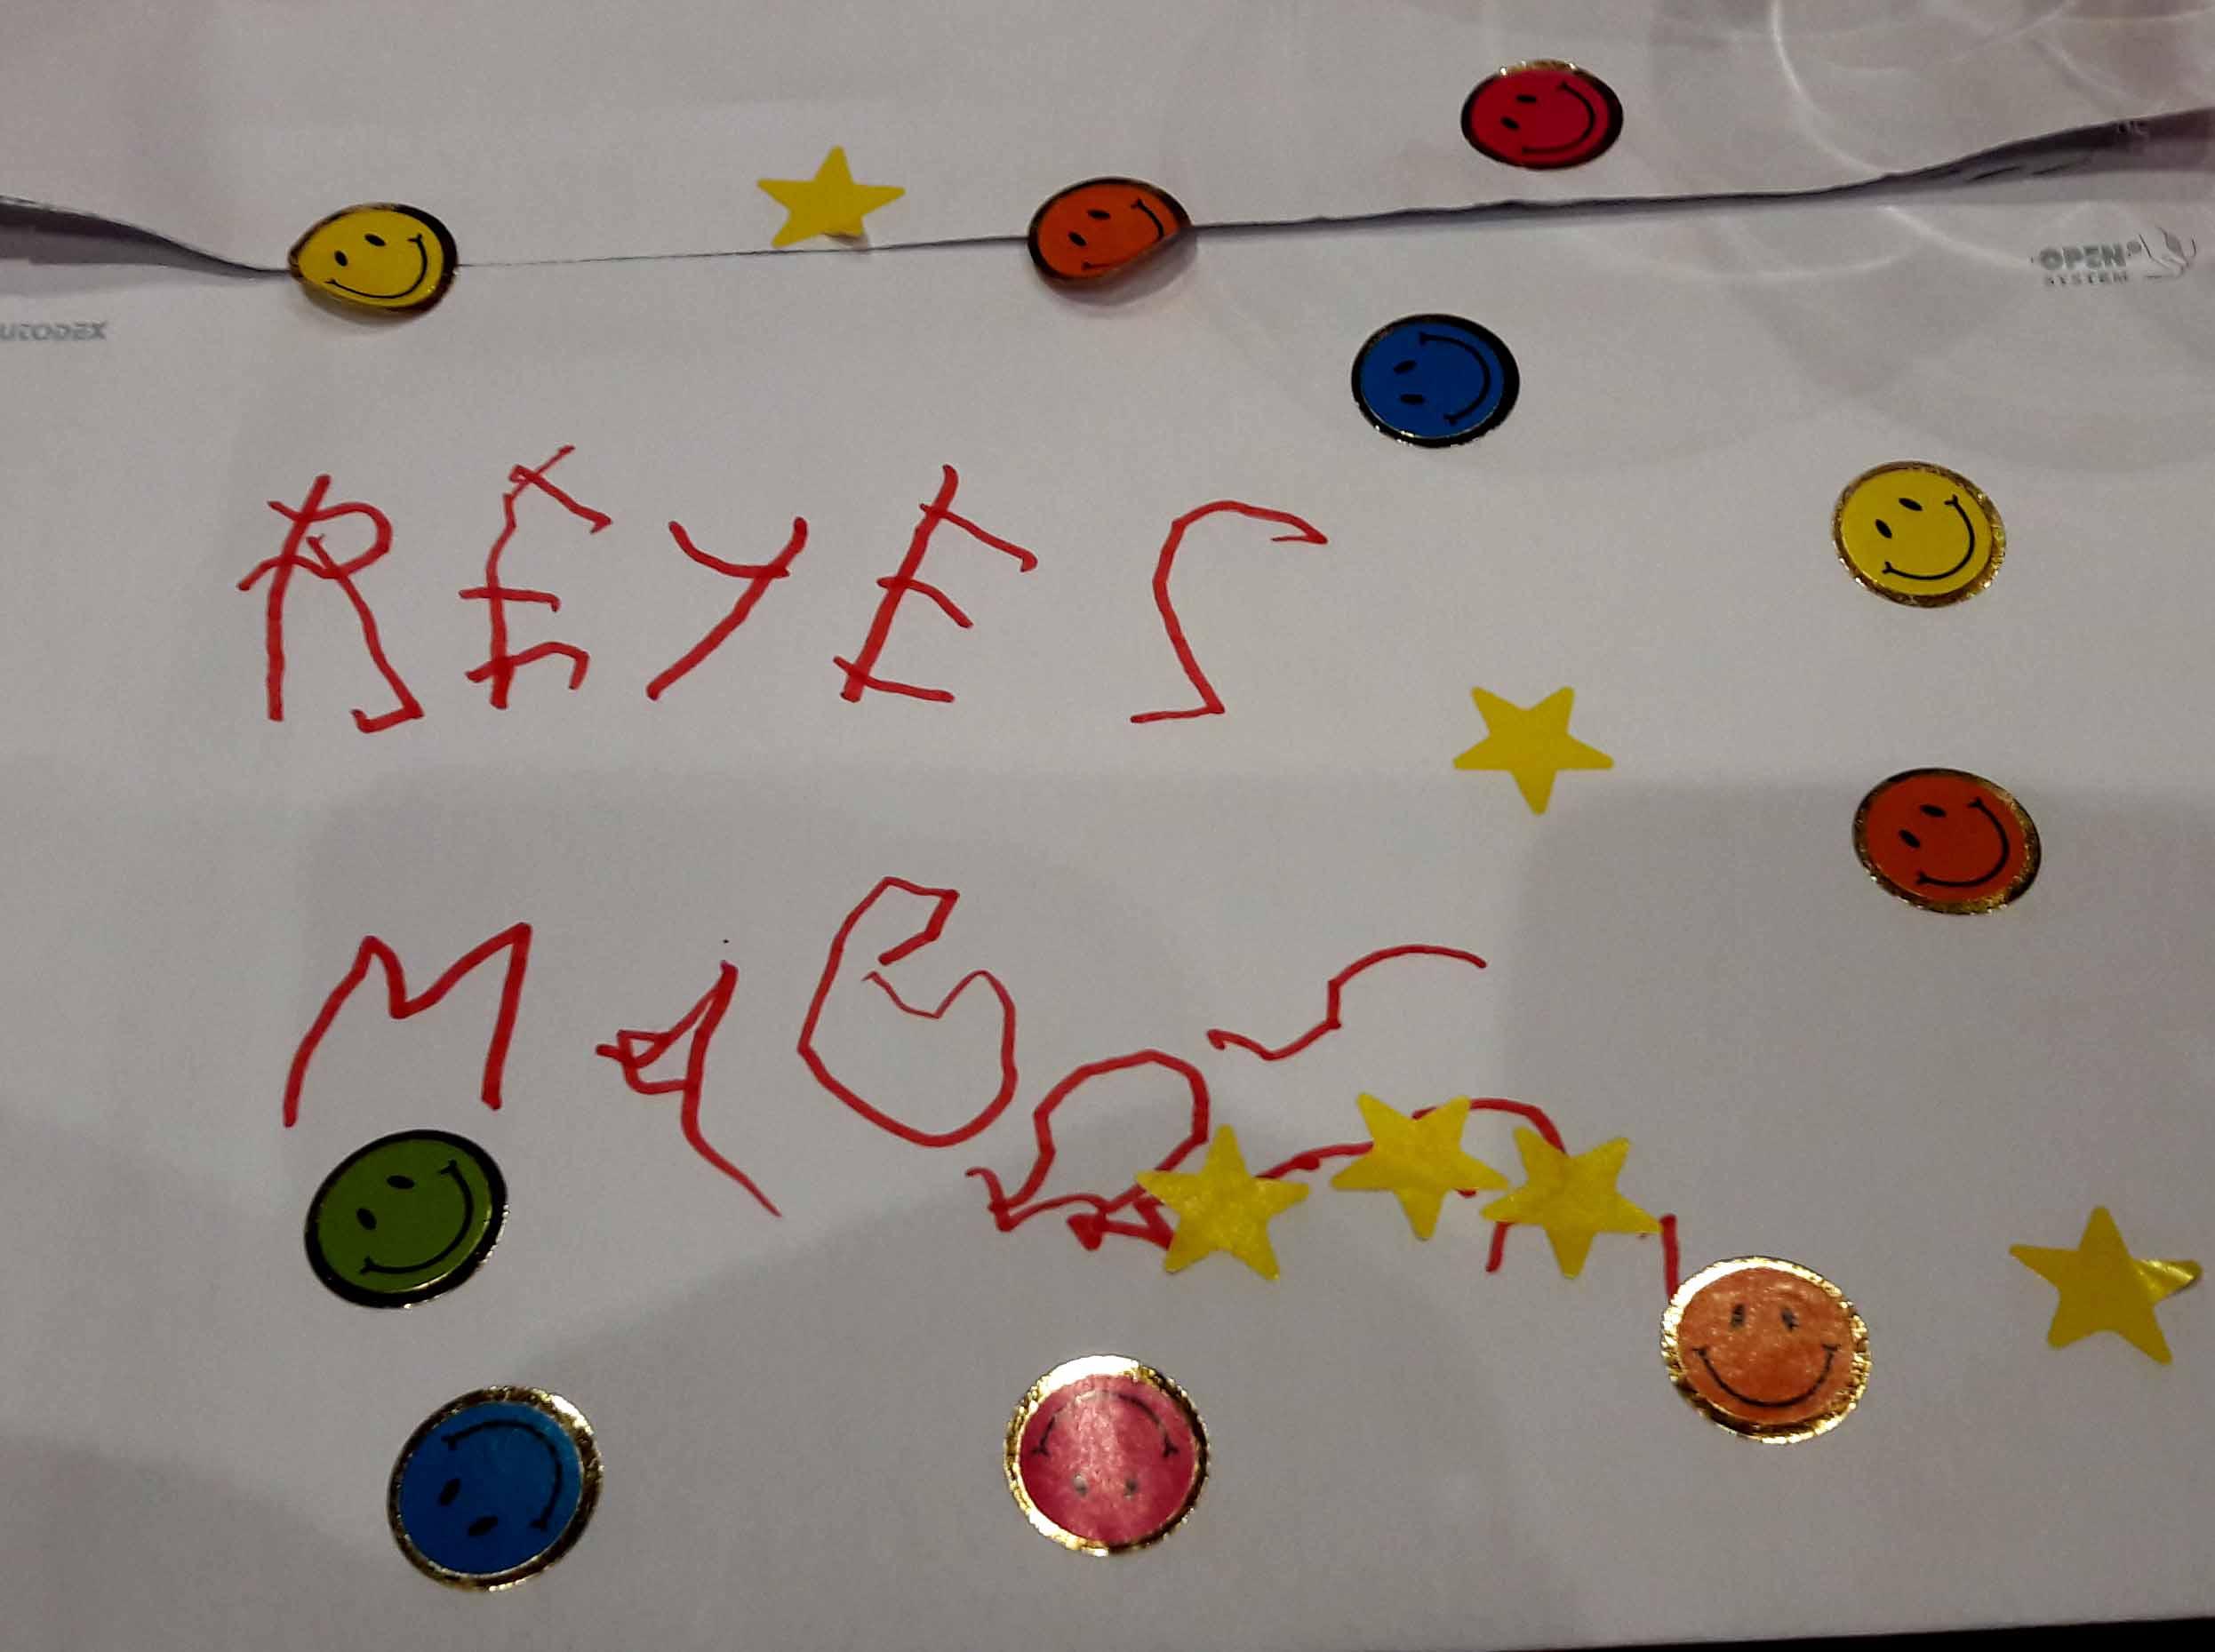 Reyes-16-3